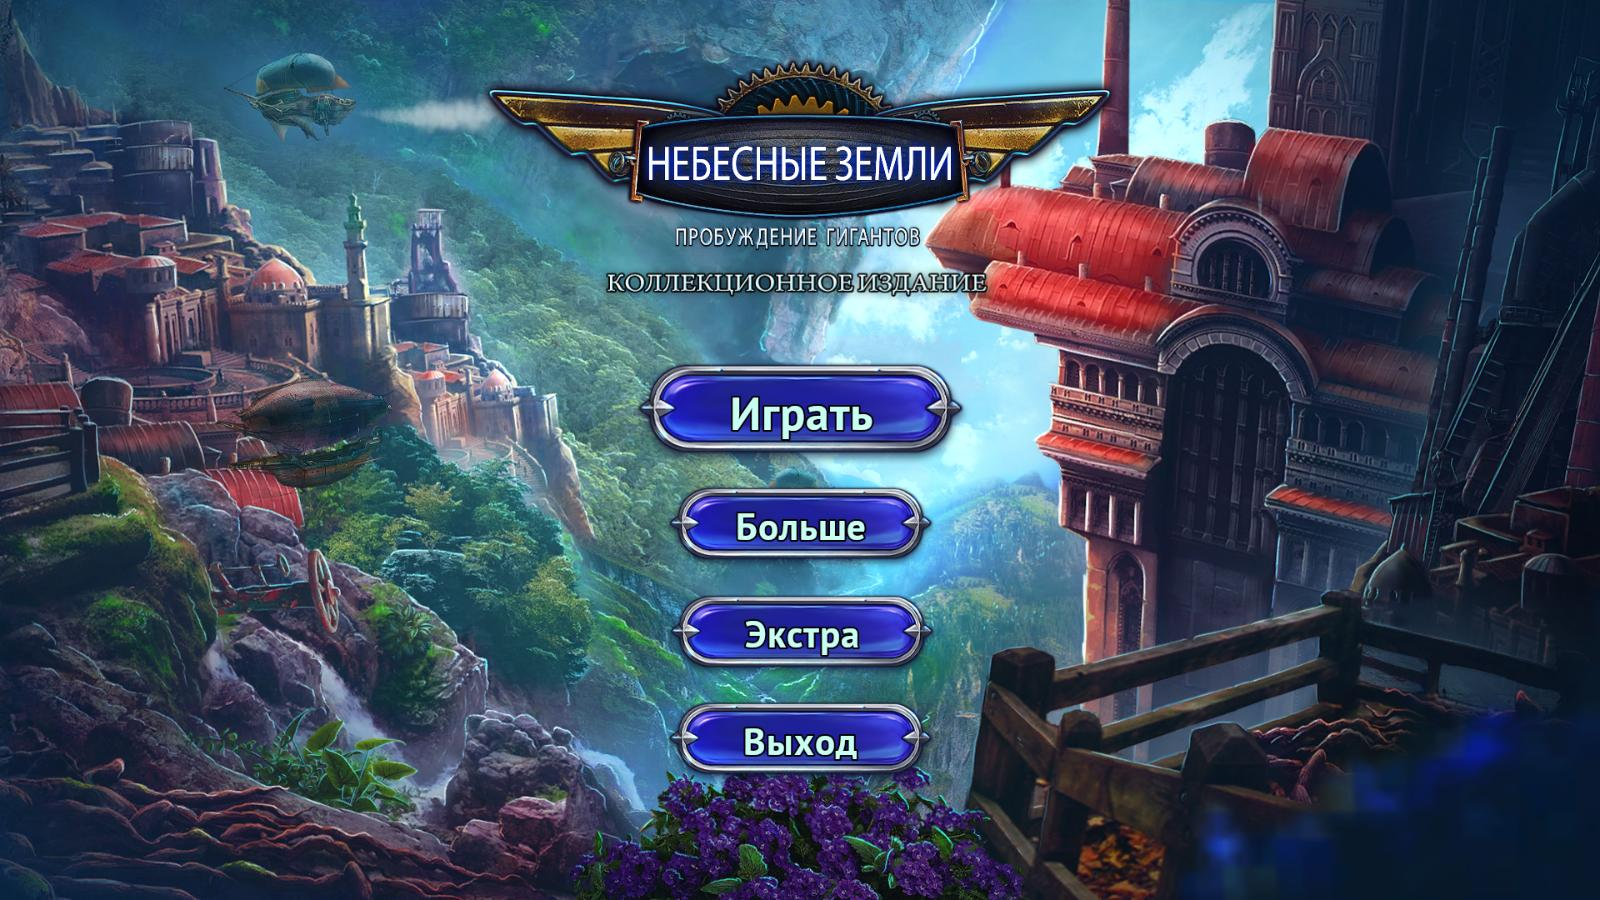 Небесные земли: Пробуждение гигантов. Коллекционное издание | Skyland: Heart of the Mountain CE (Rus)